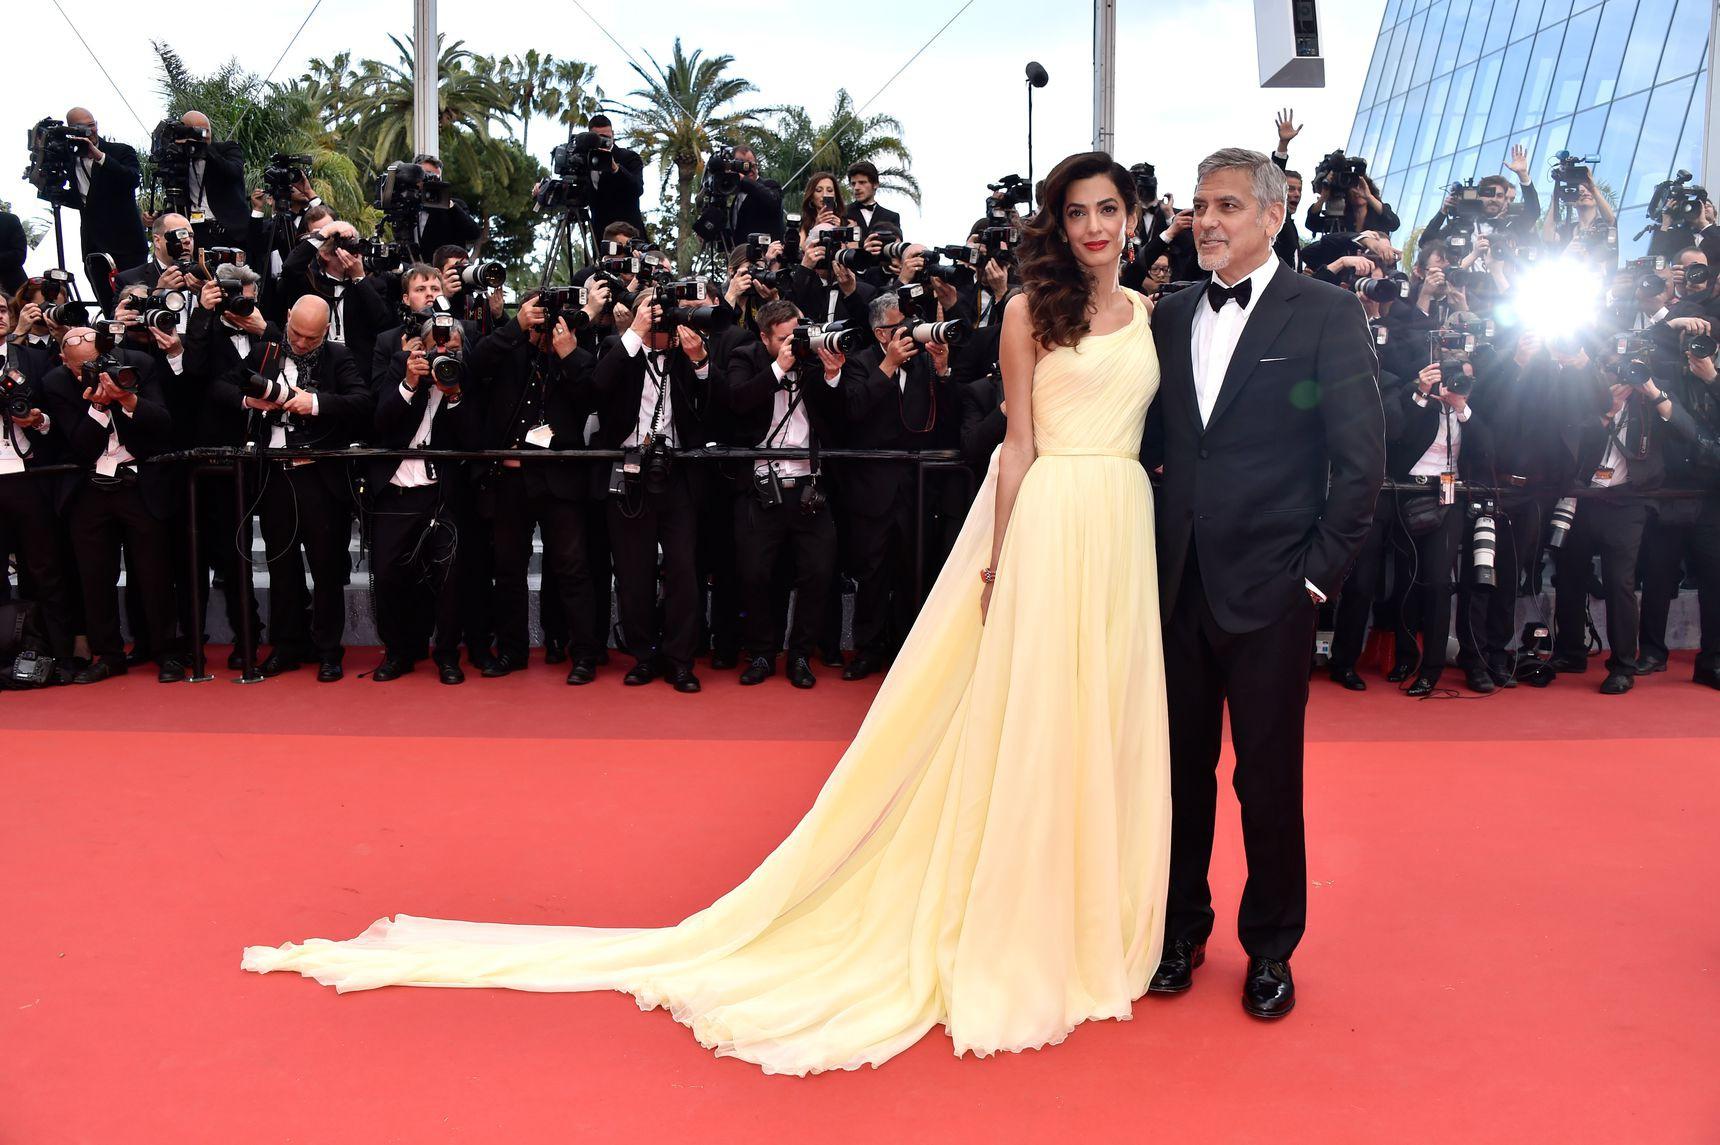 Vì sao Cannes được đánh giá là sự kiện quan trọng nhất làng điện ảnh? - Ảnh 4.